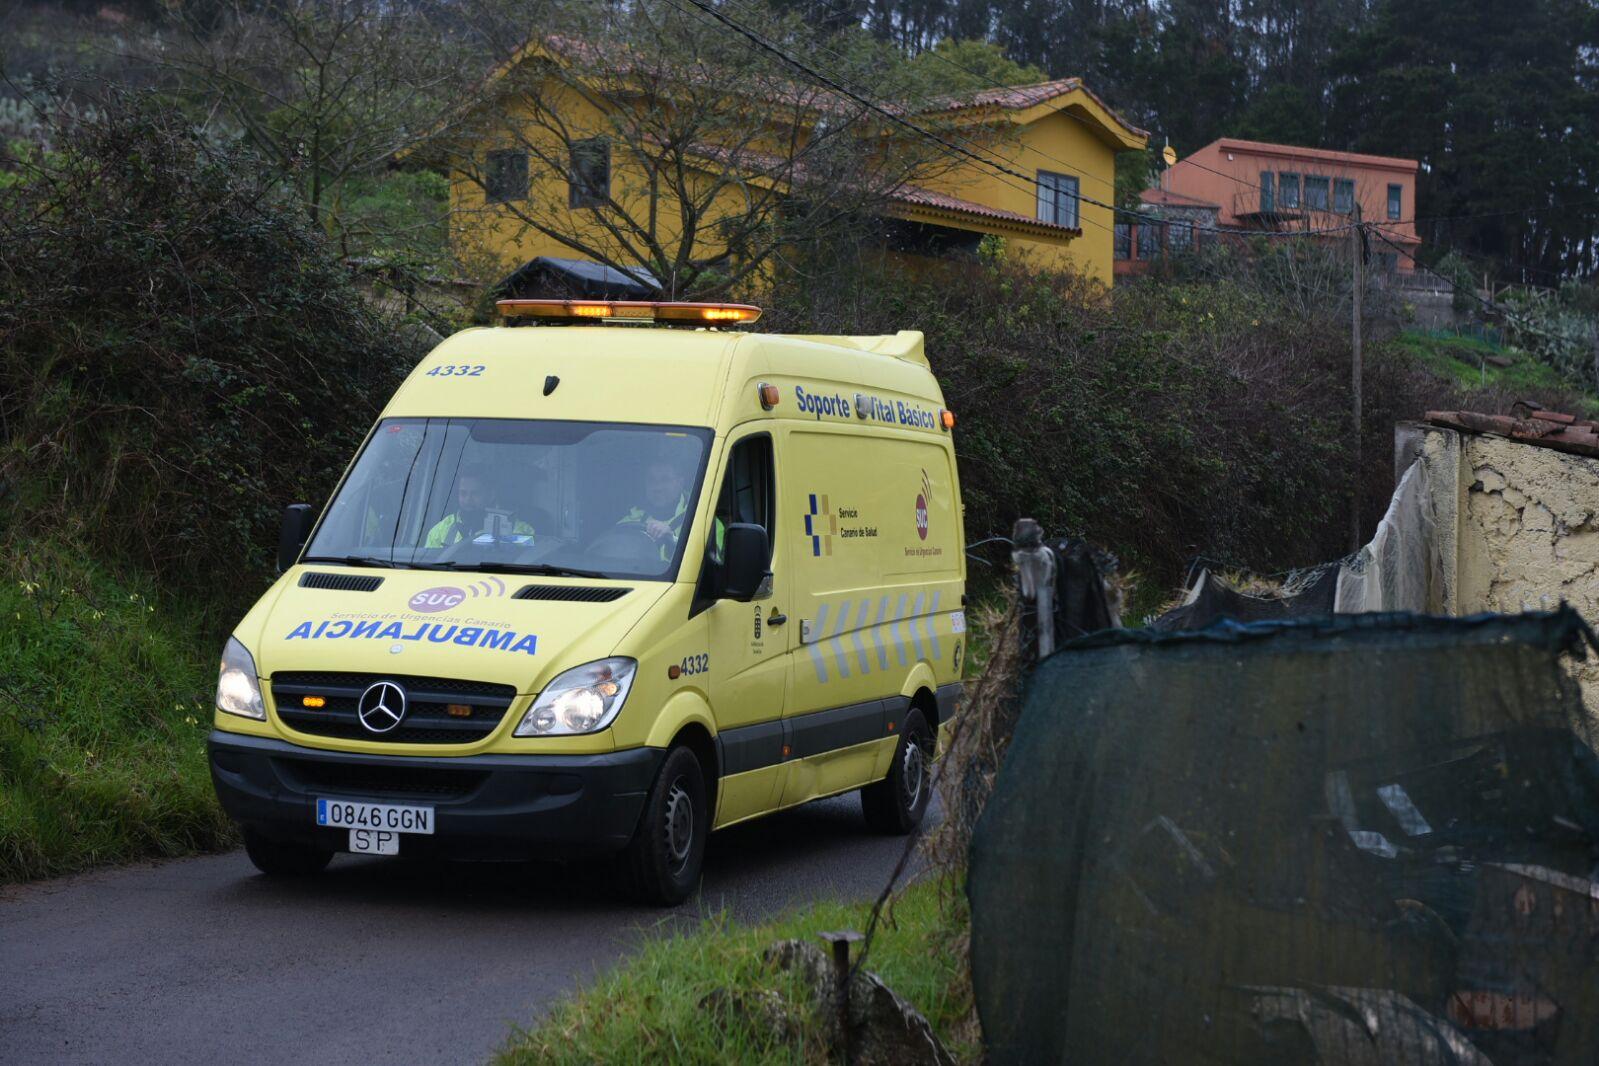 Bomberos y servicios sanitarios, en el lugar en el que se ha encontrado el cuerpo. / FOTO: Sergio Méndez